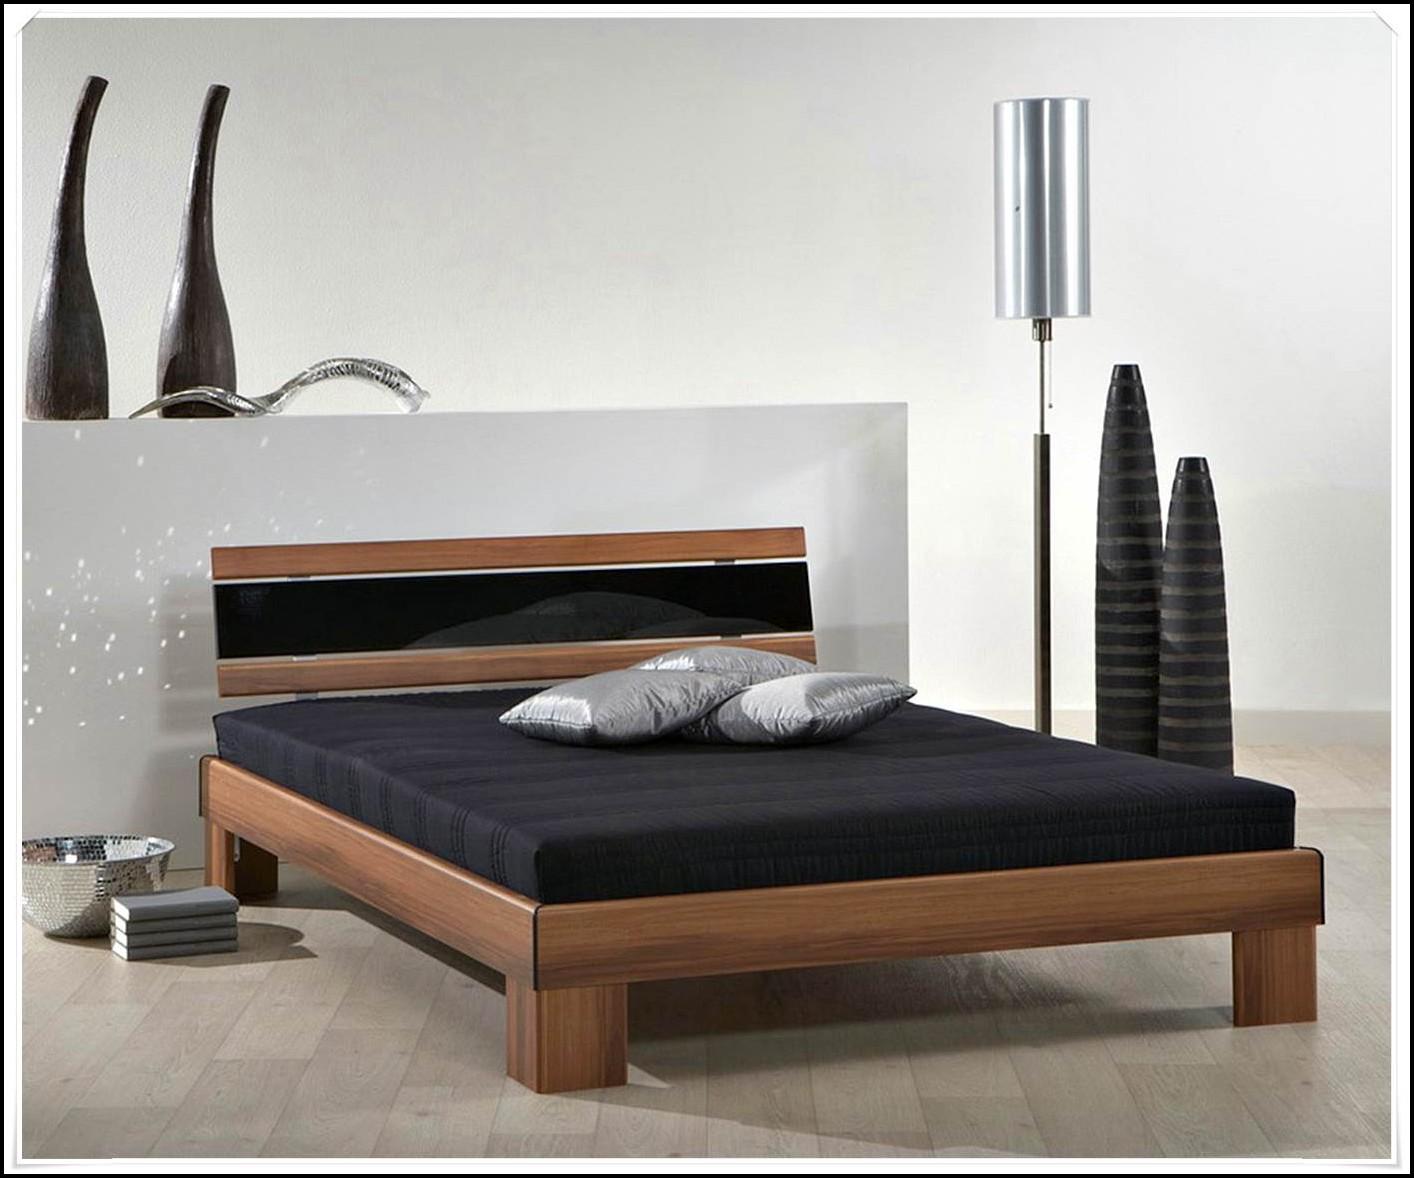 bett 140x200 mit matratze und lattenrost betten house und dekor galerie xg12m9mwmz